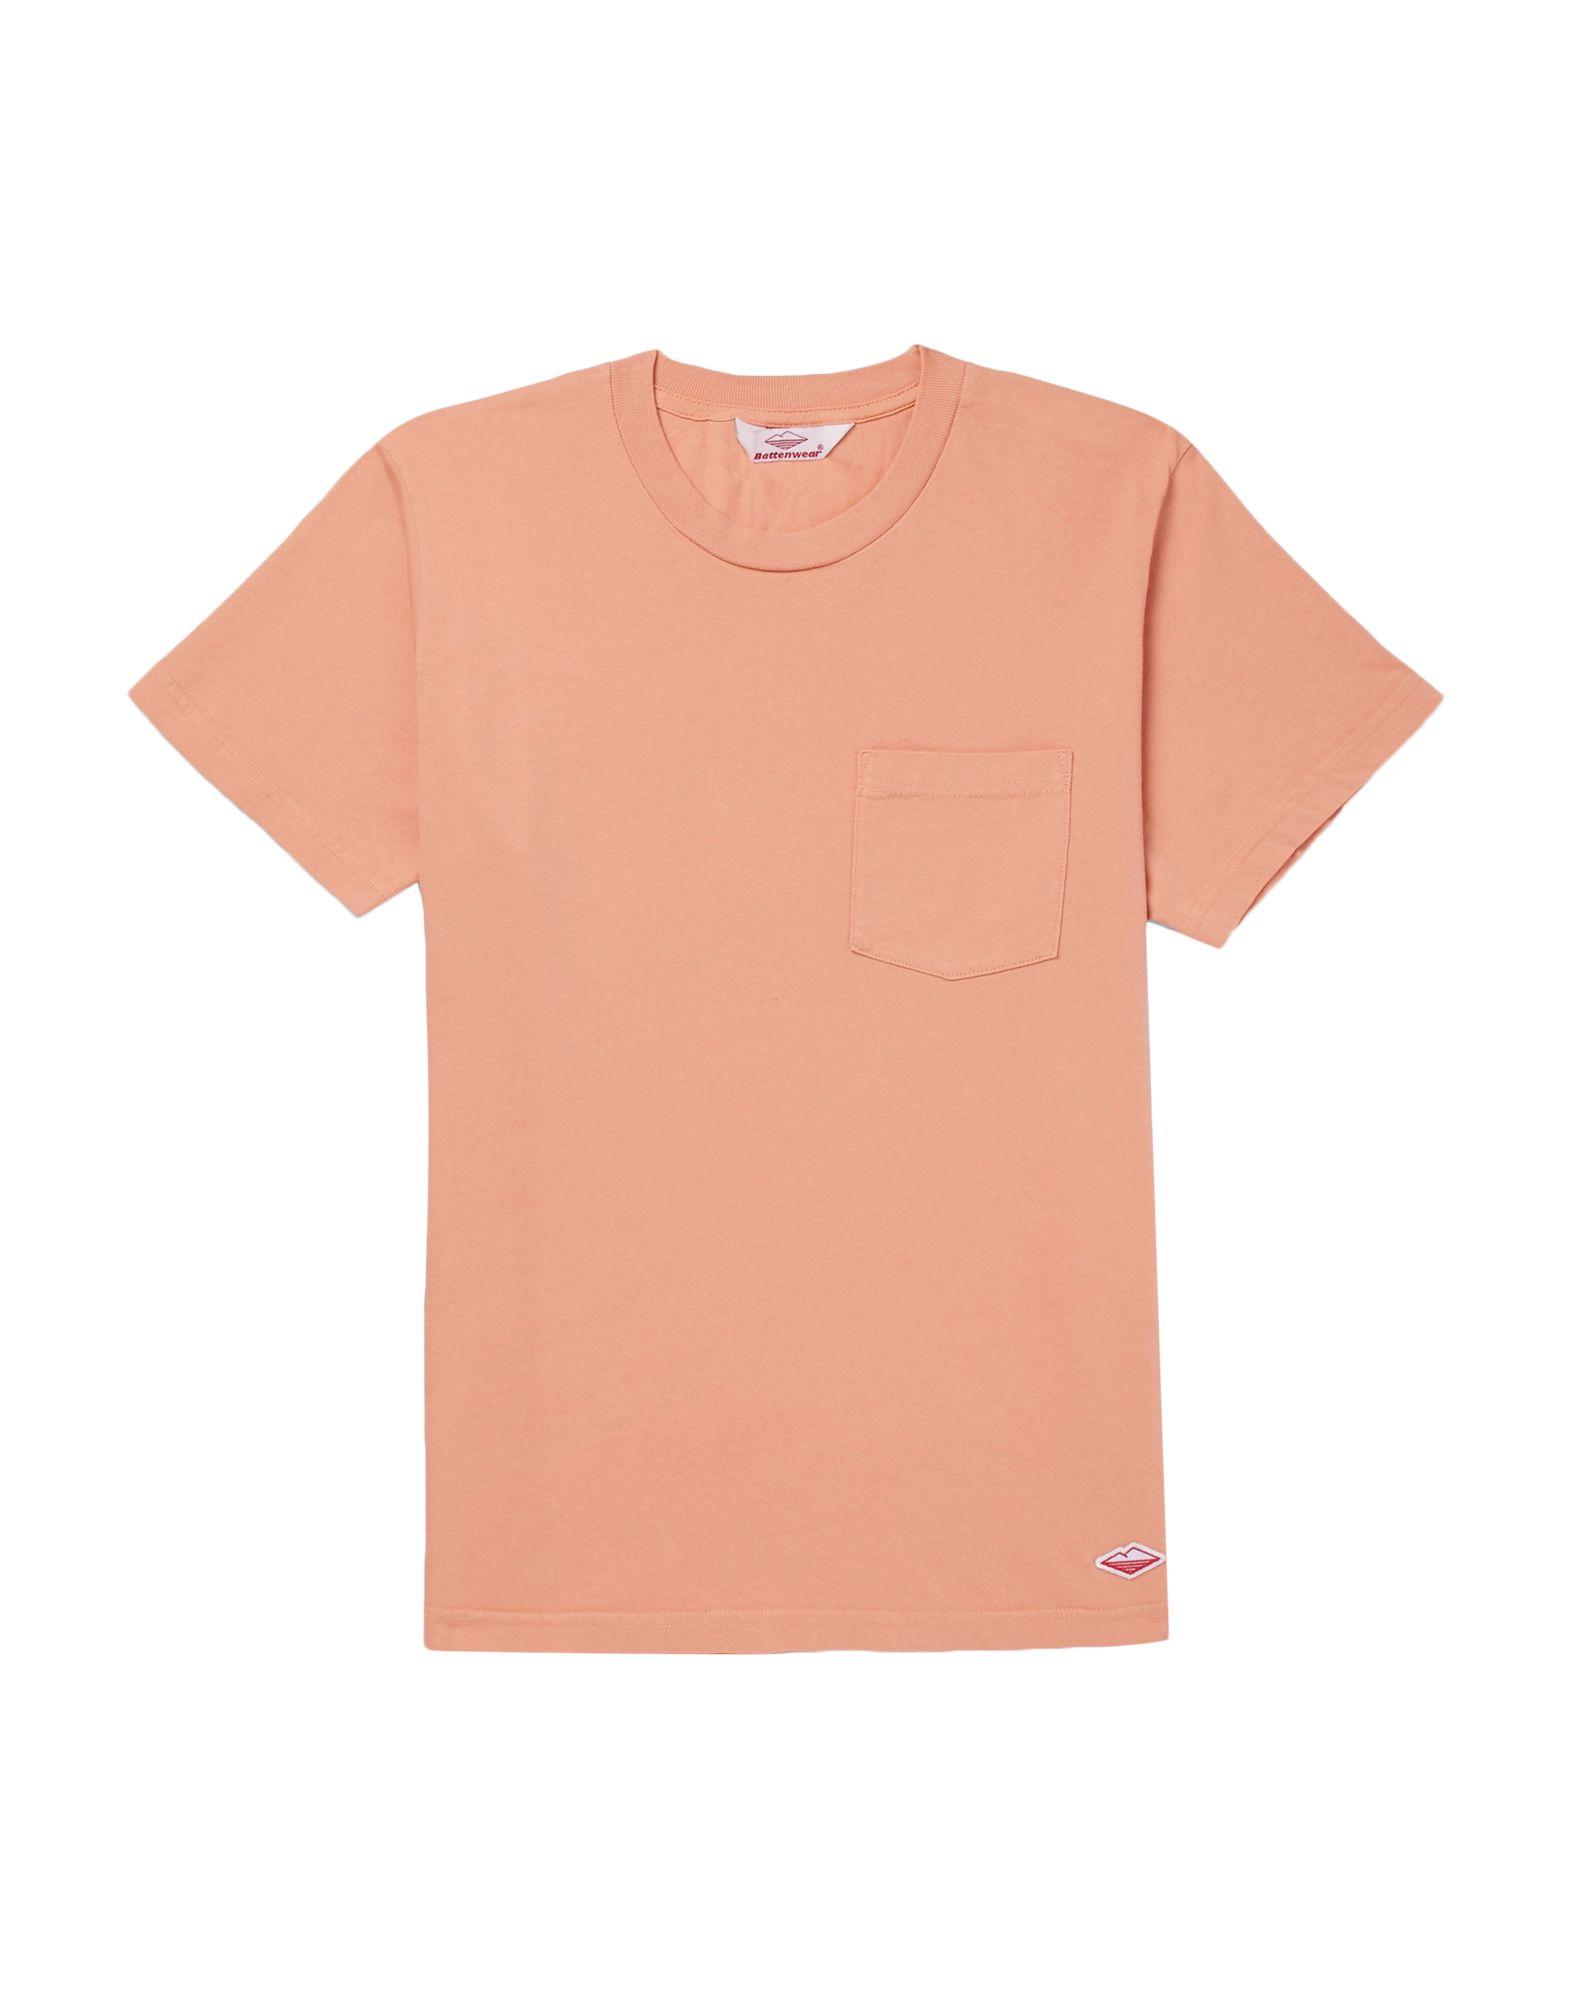 《送料無料》BATTENWEAR メンズ T シャツ あんず色 S コットン 100%